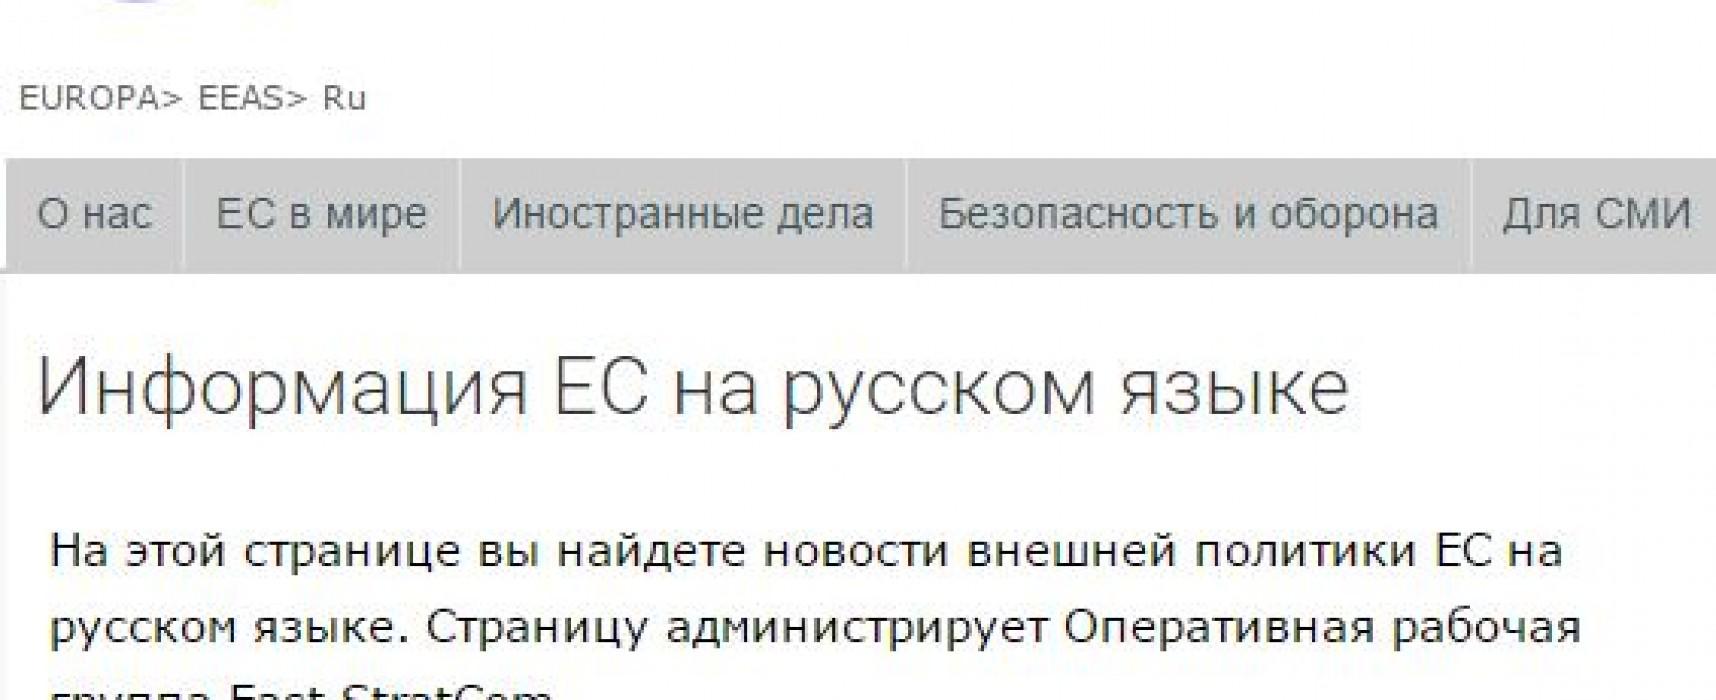 La UE ha lanzado un medio digital en ruso con resúmenes desinformativos